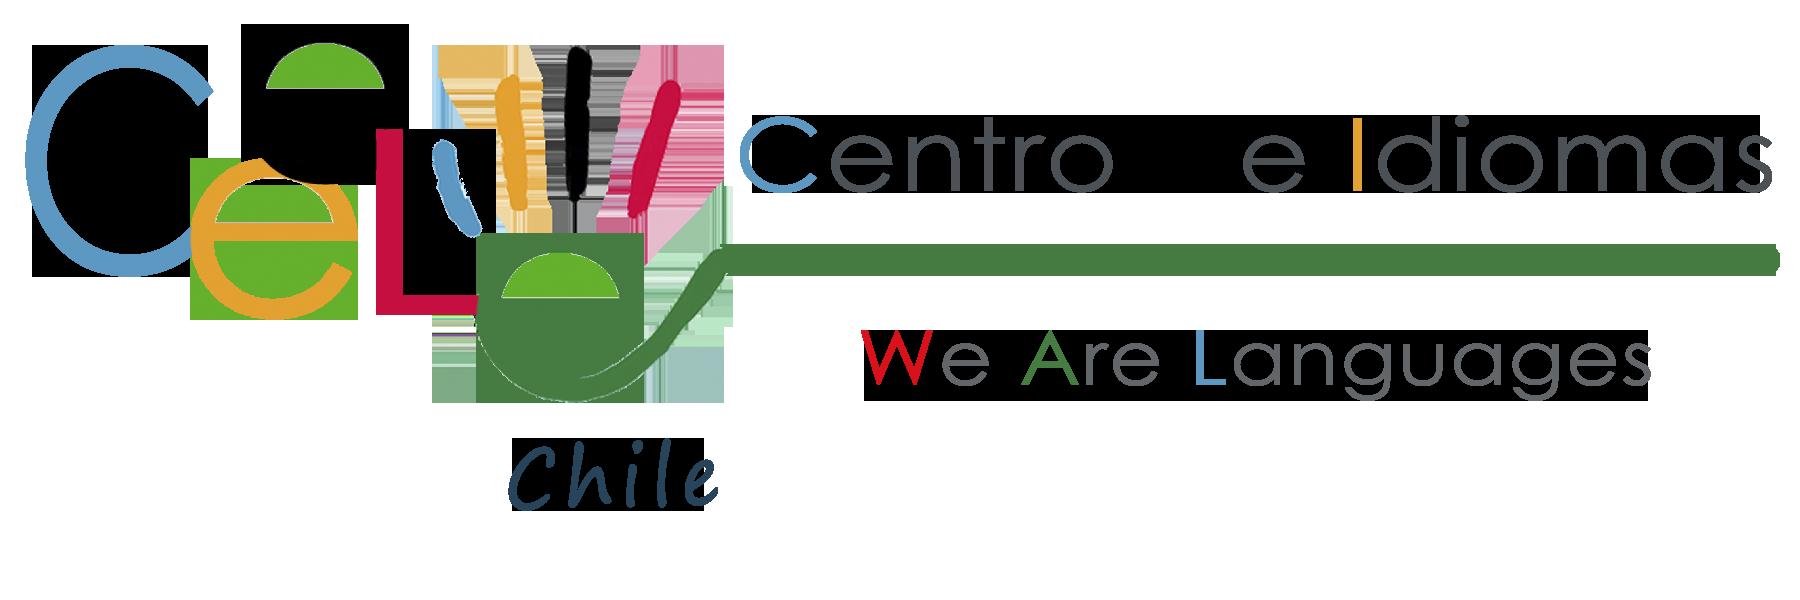 CeeleChile Centro de Idiomas